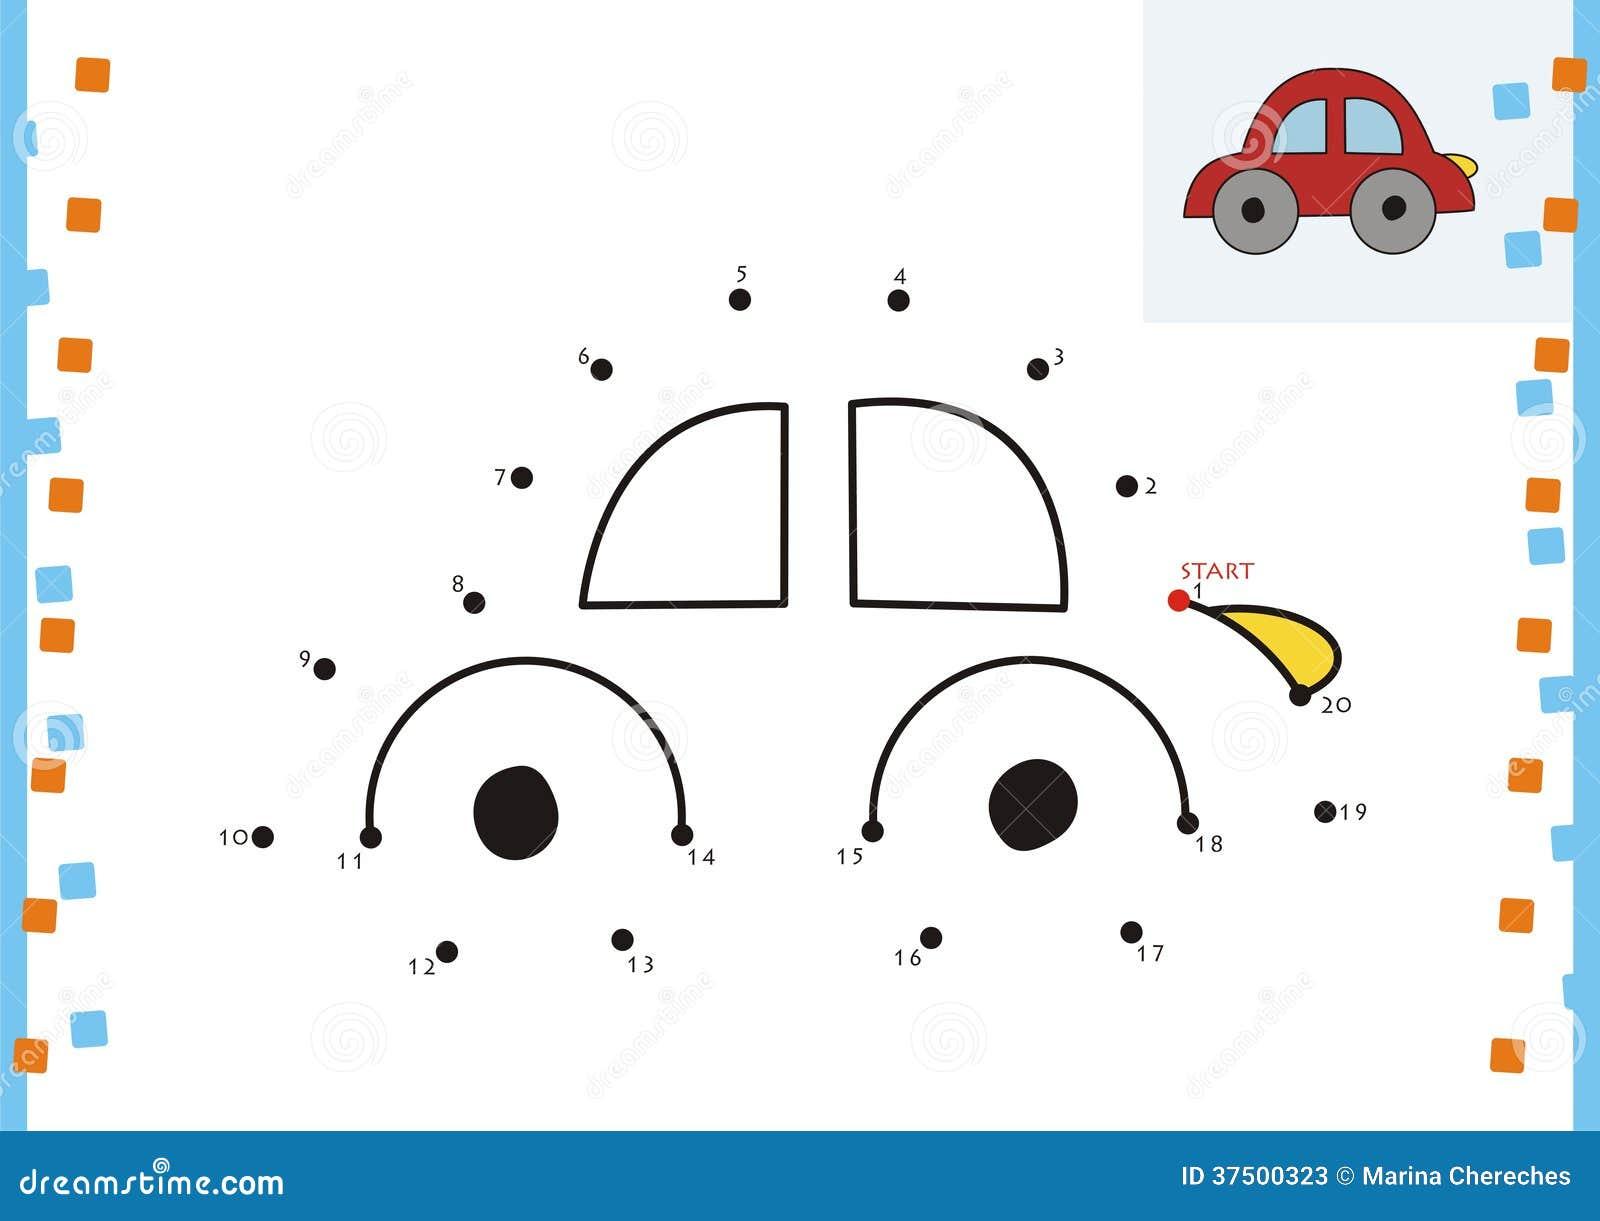 Coloring Book Dot To Dot. The Car Stock Vector